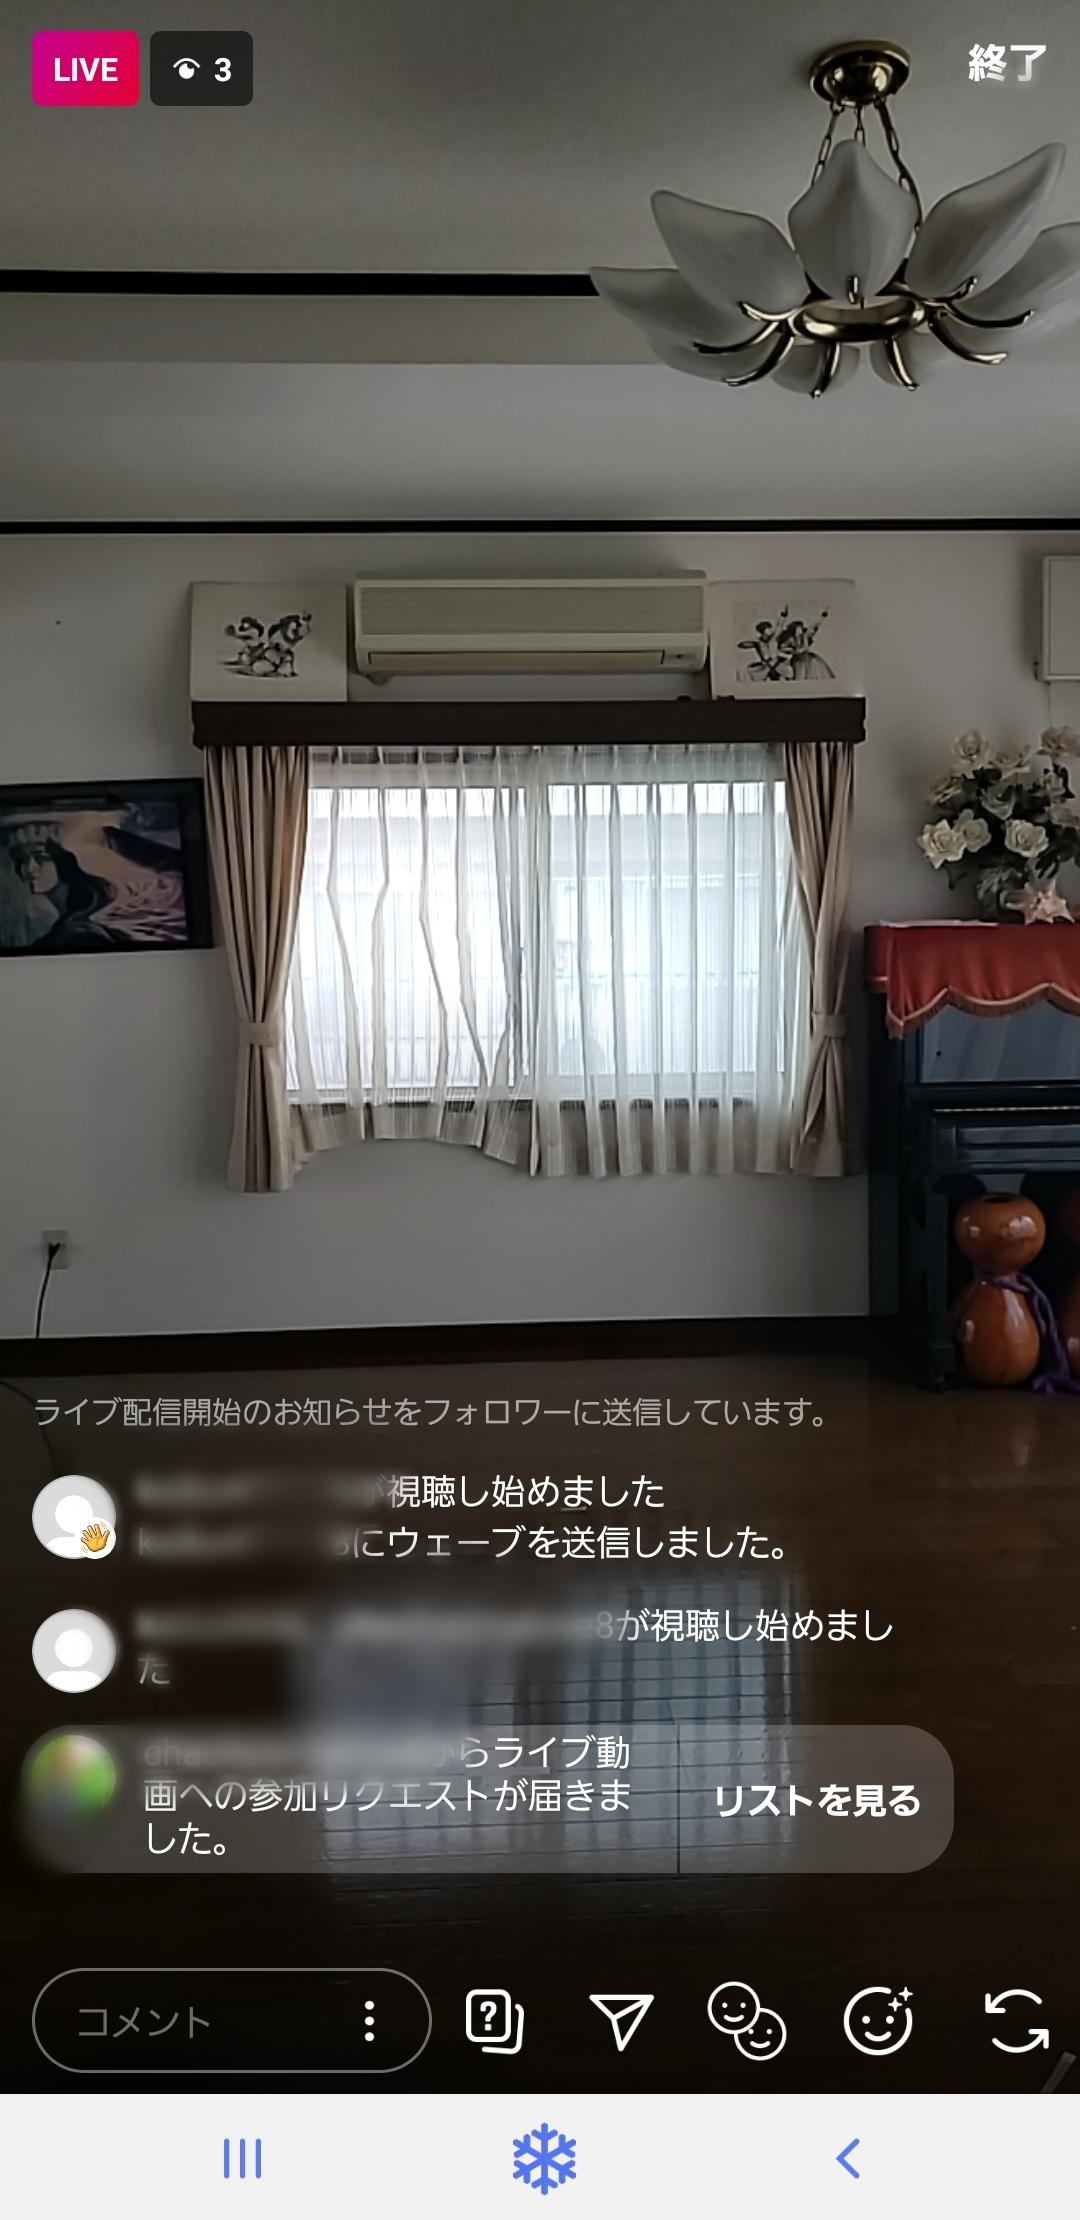 Point Blur_20200811_155140